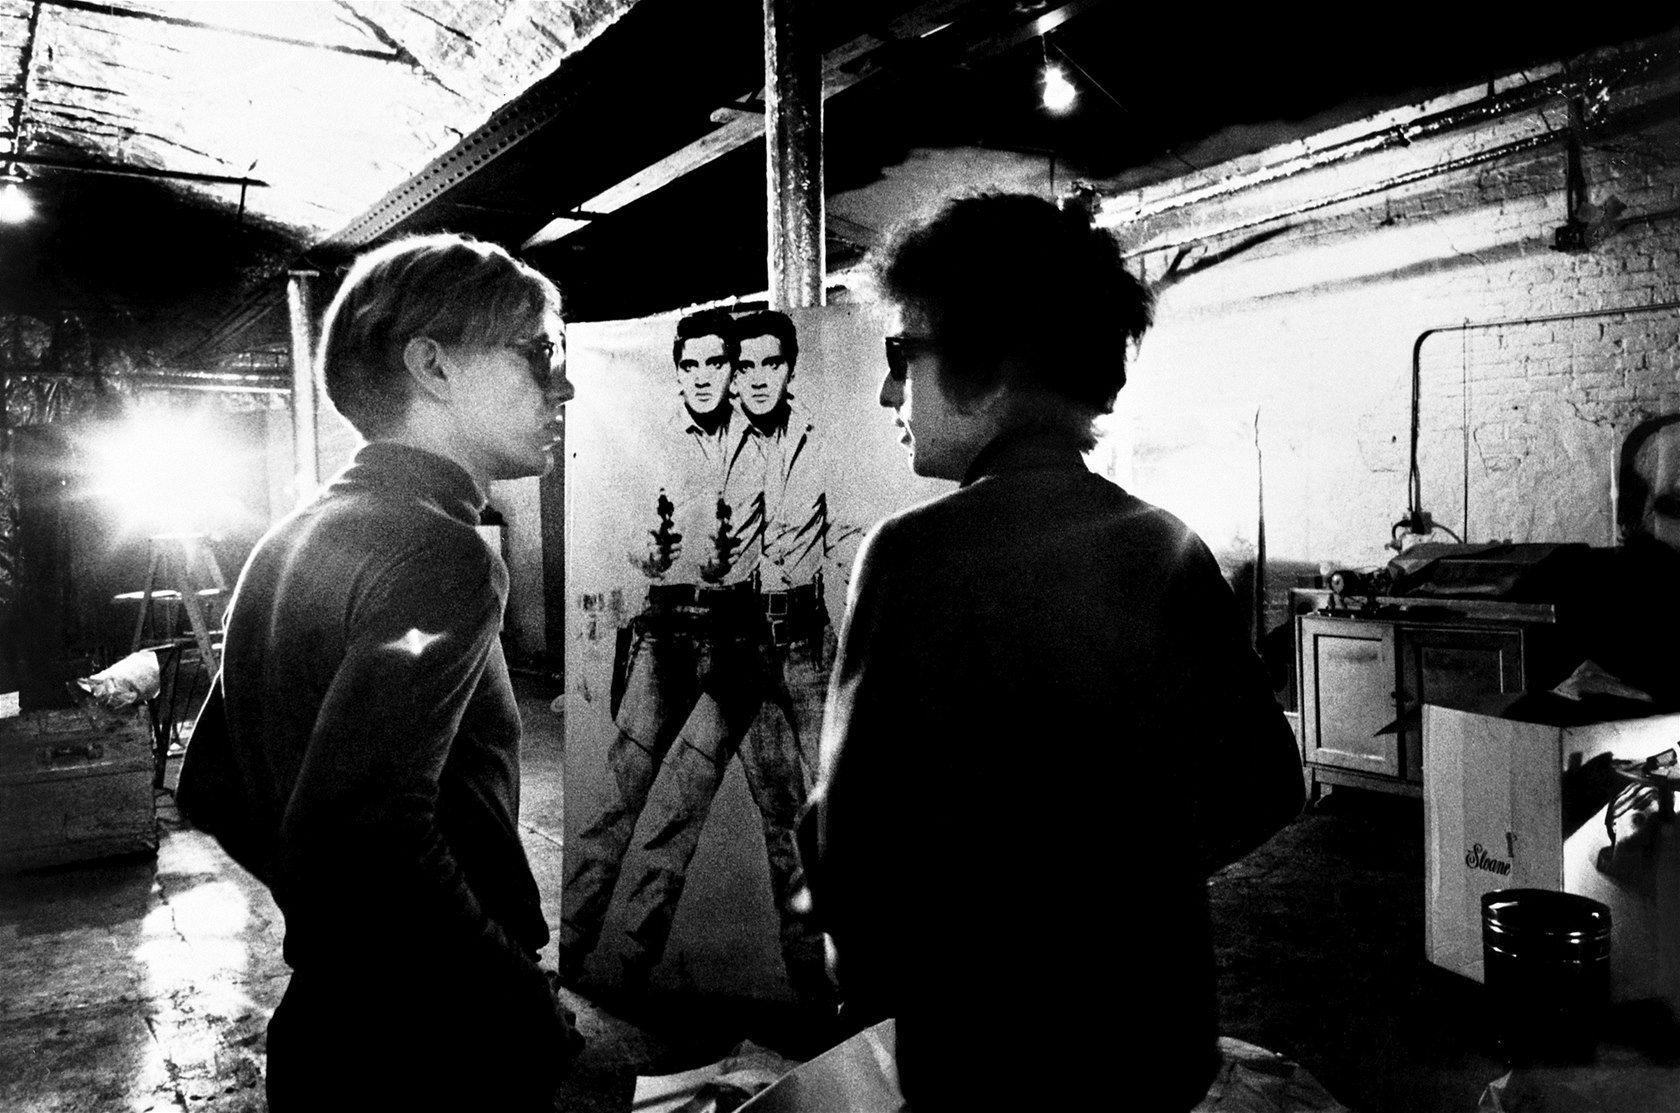 ¿Cómo se llamó la musa de Andy Warhol cuya relación con Dylan provocó ligeros conflictos entre ellos?